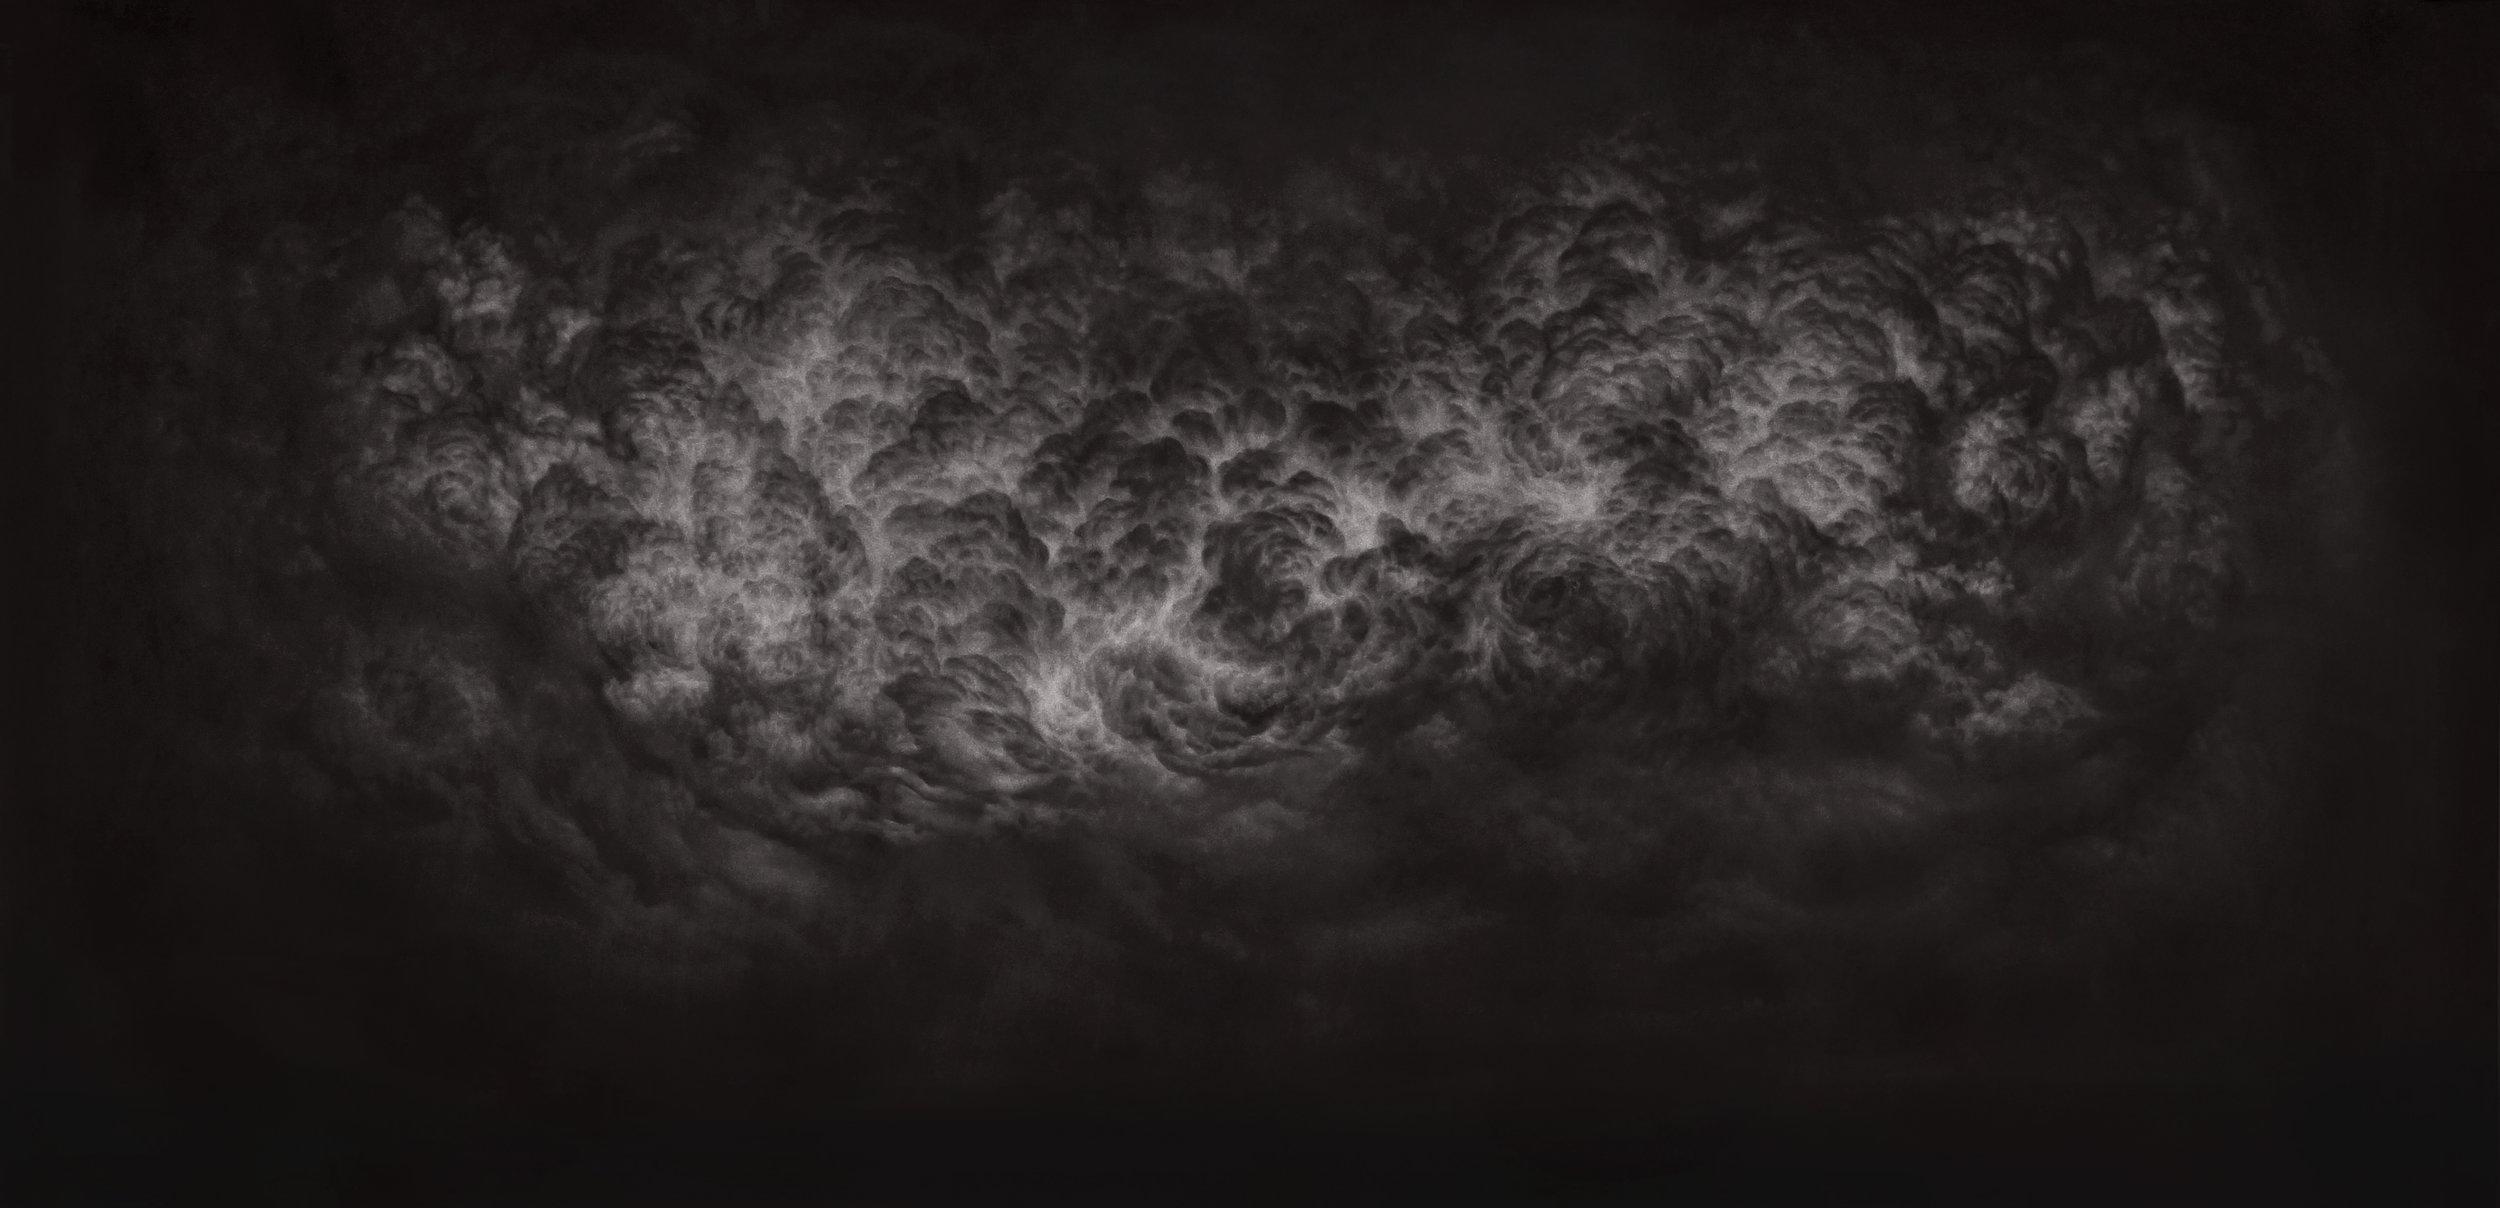 Dharmamega II. Carbón comprimido sobre papel. 200 x 100 cm. 2017.